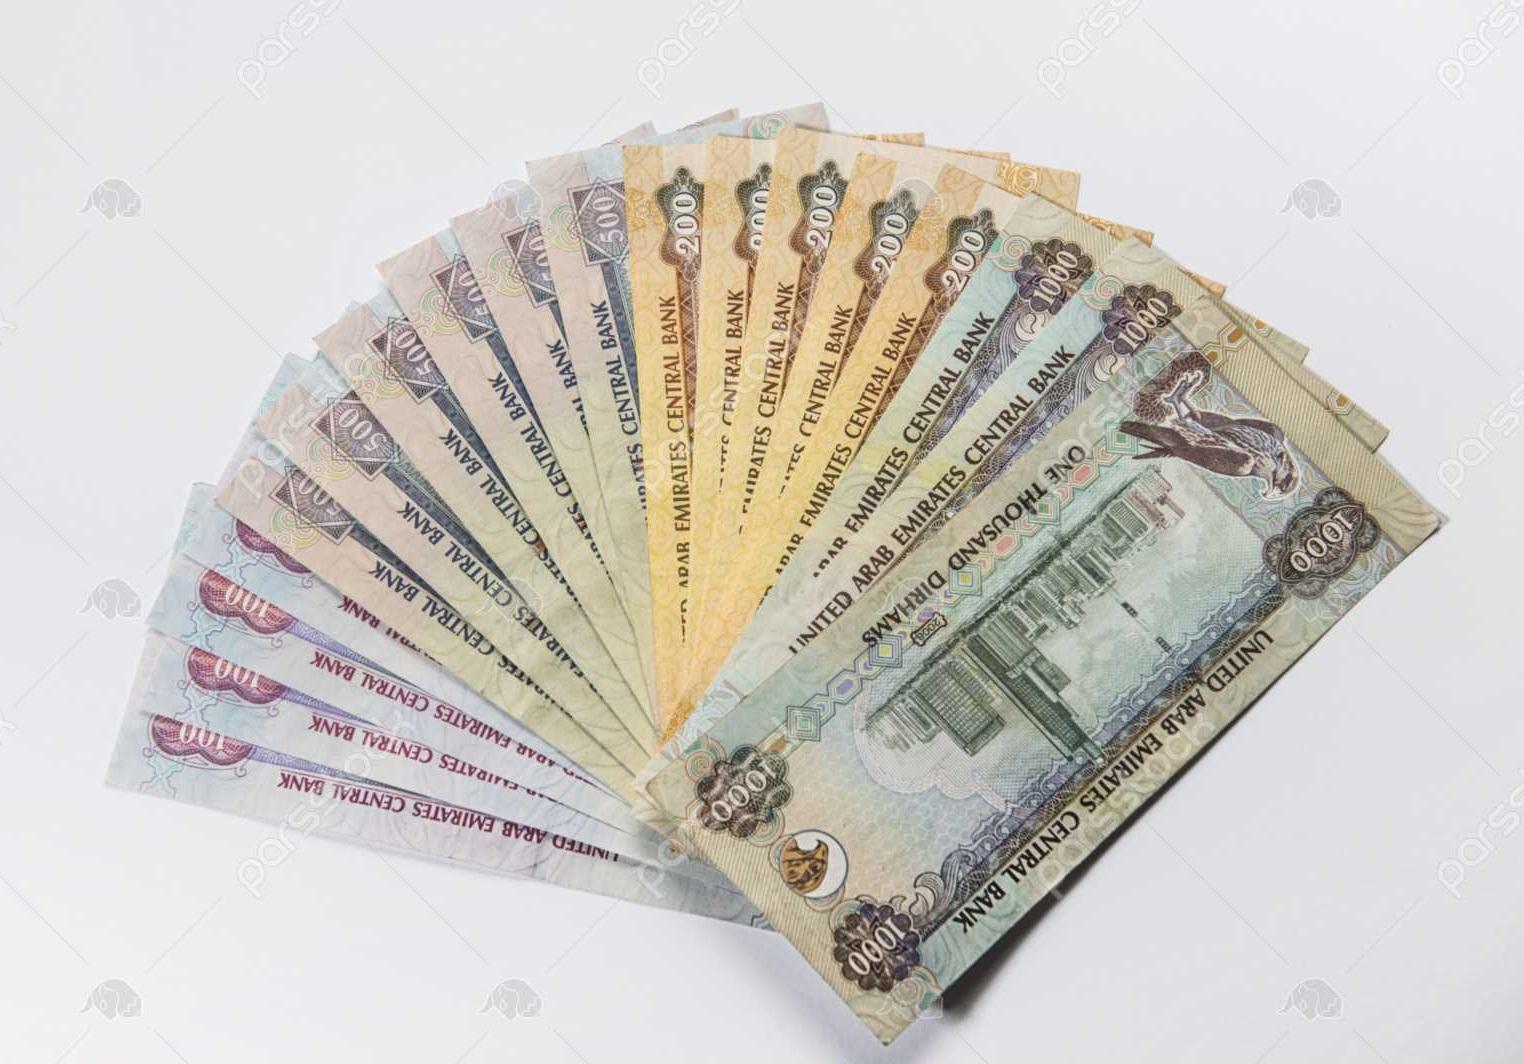 ارزی سوددهتر از دلار / بازدهی 8 درصدی درهم طی یک ماه اخیر